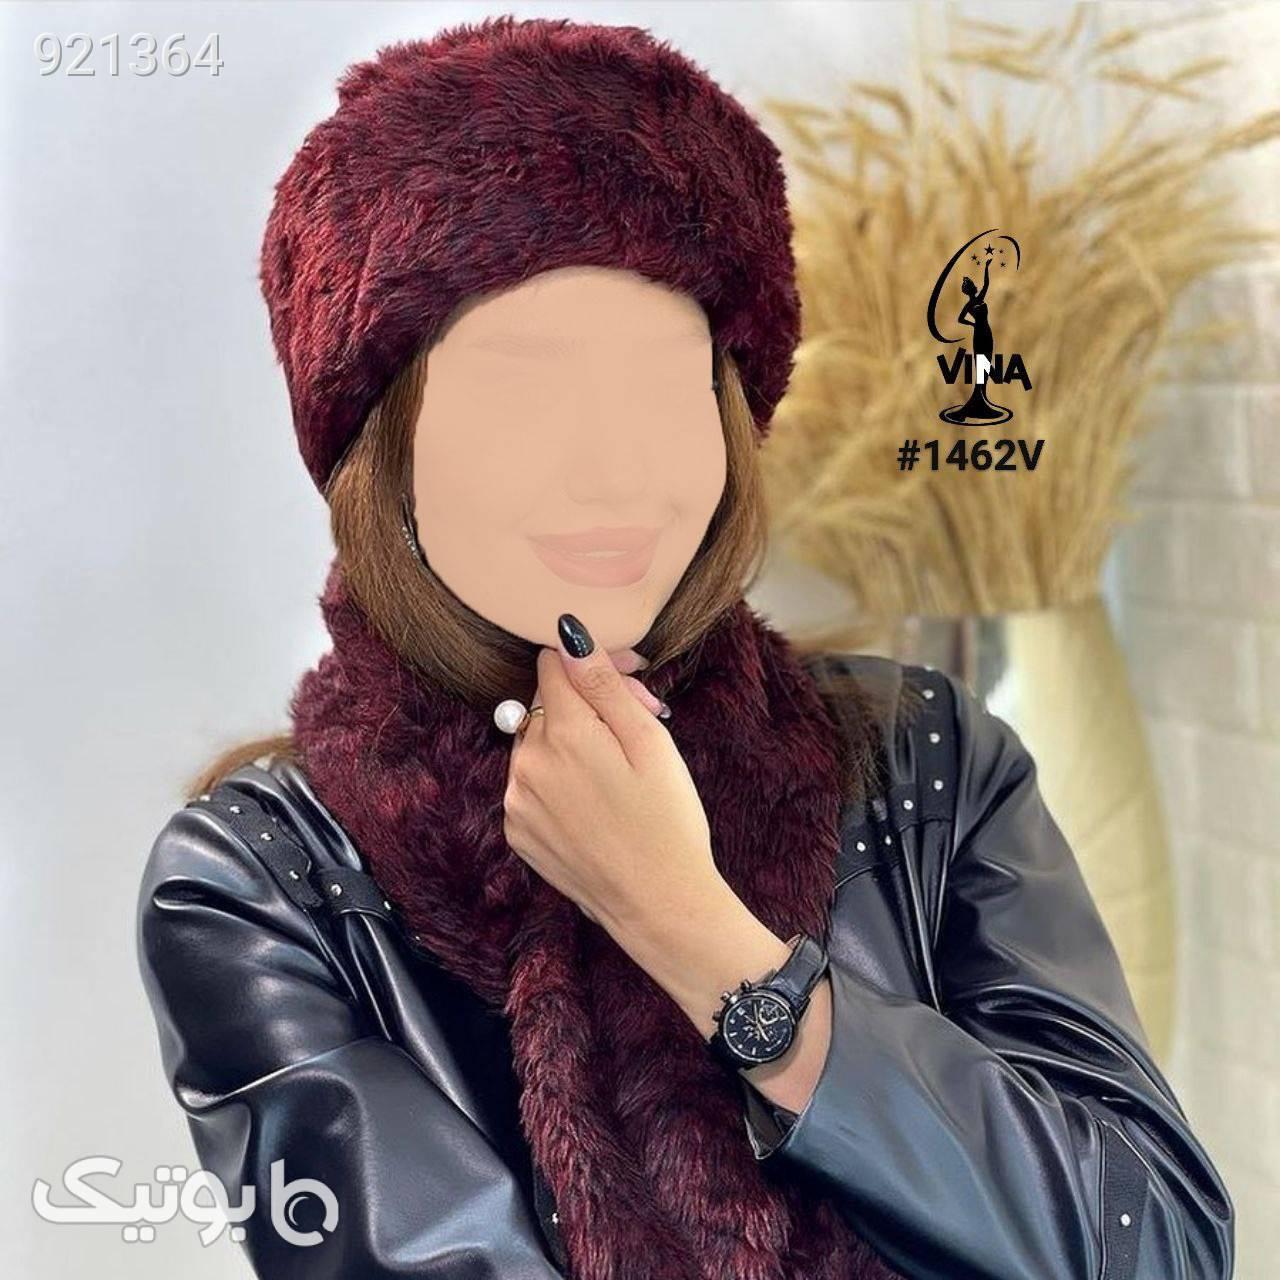 ست شال وکلاه روسی جدیددخترونه پرفروش زرشکی کلاه بافت و شال گردن و دستکش